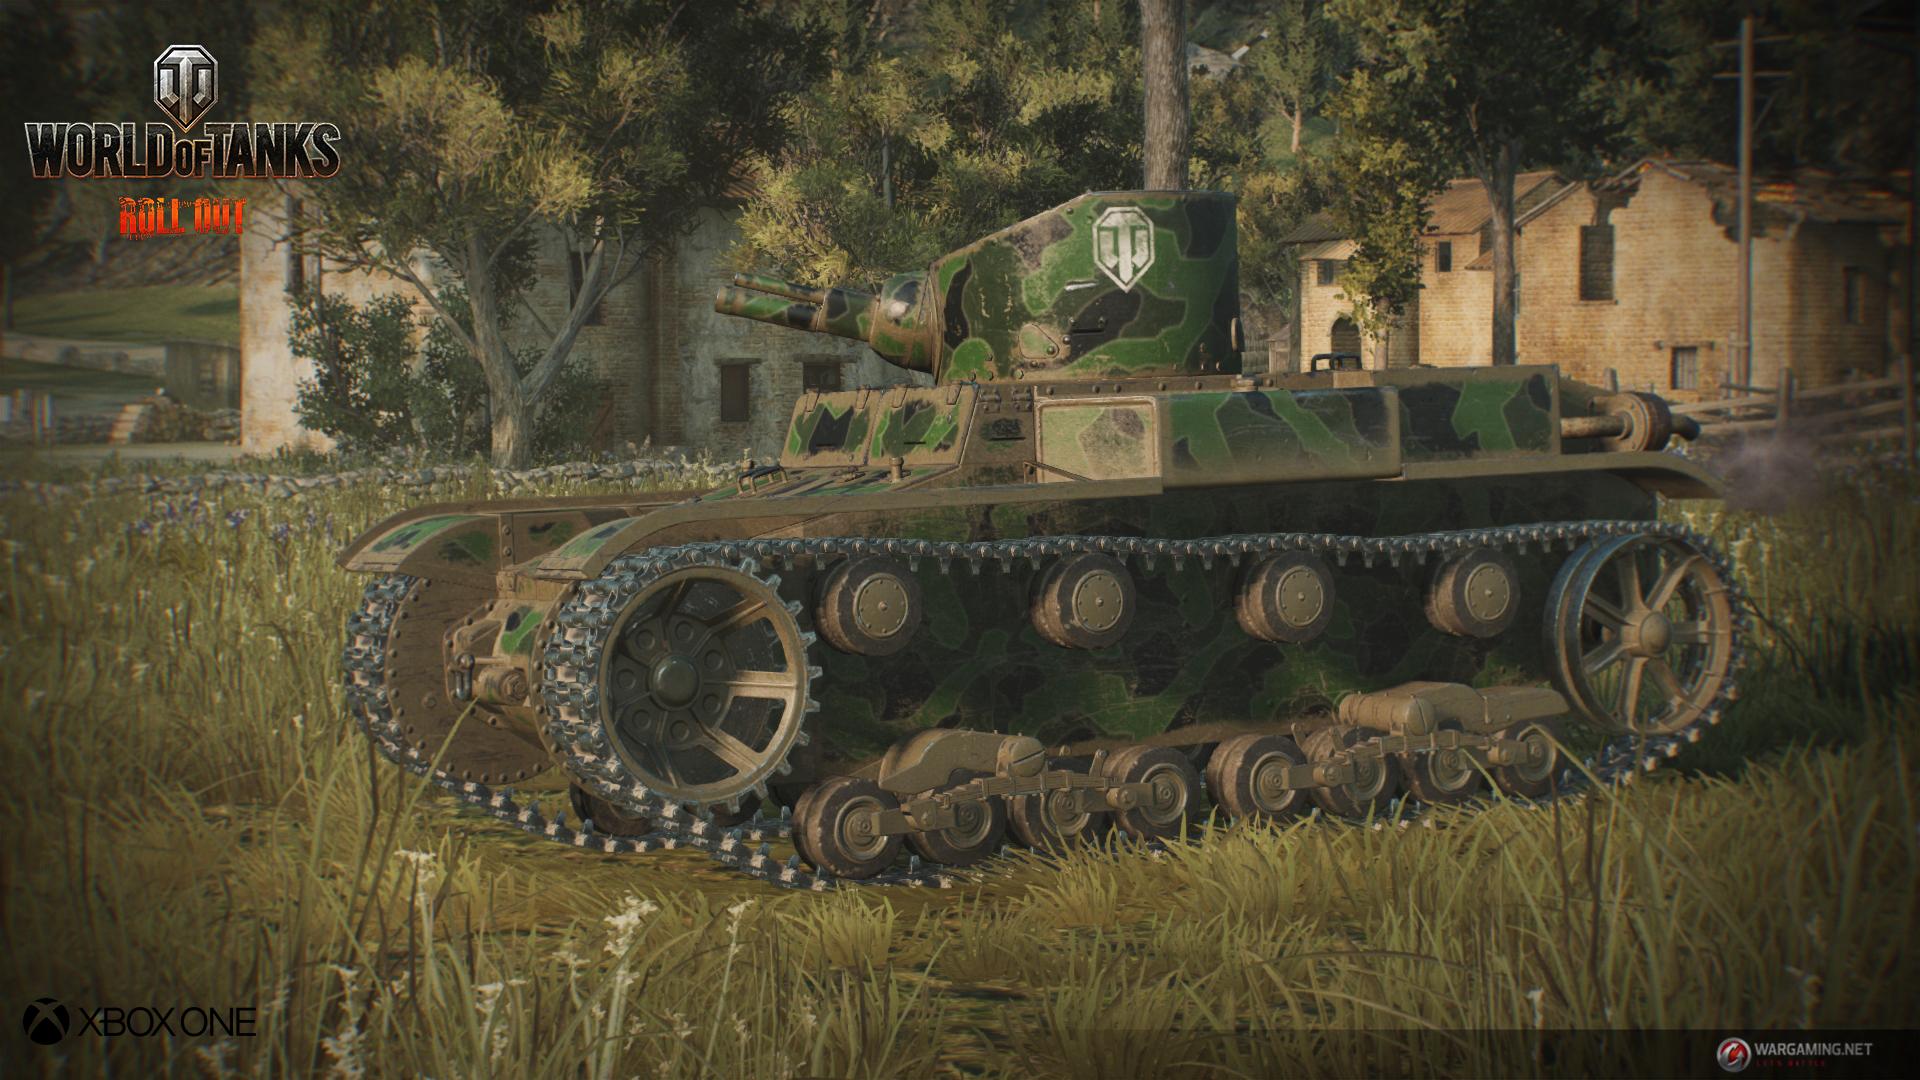 World of Tank: Xbox One Beta-Wochenende gestartet, verspricht M22 Locust und Platz